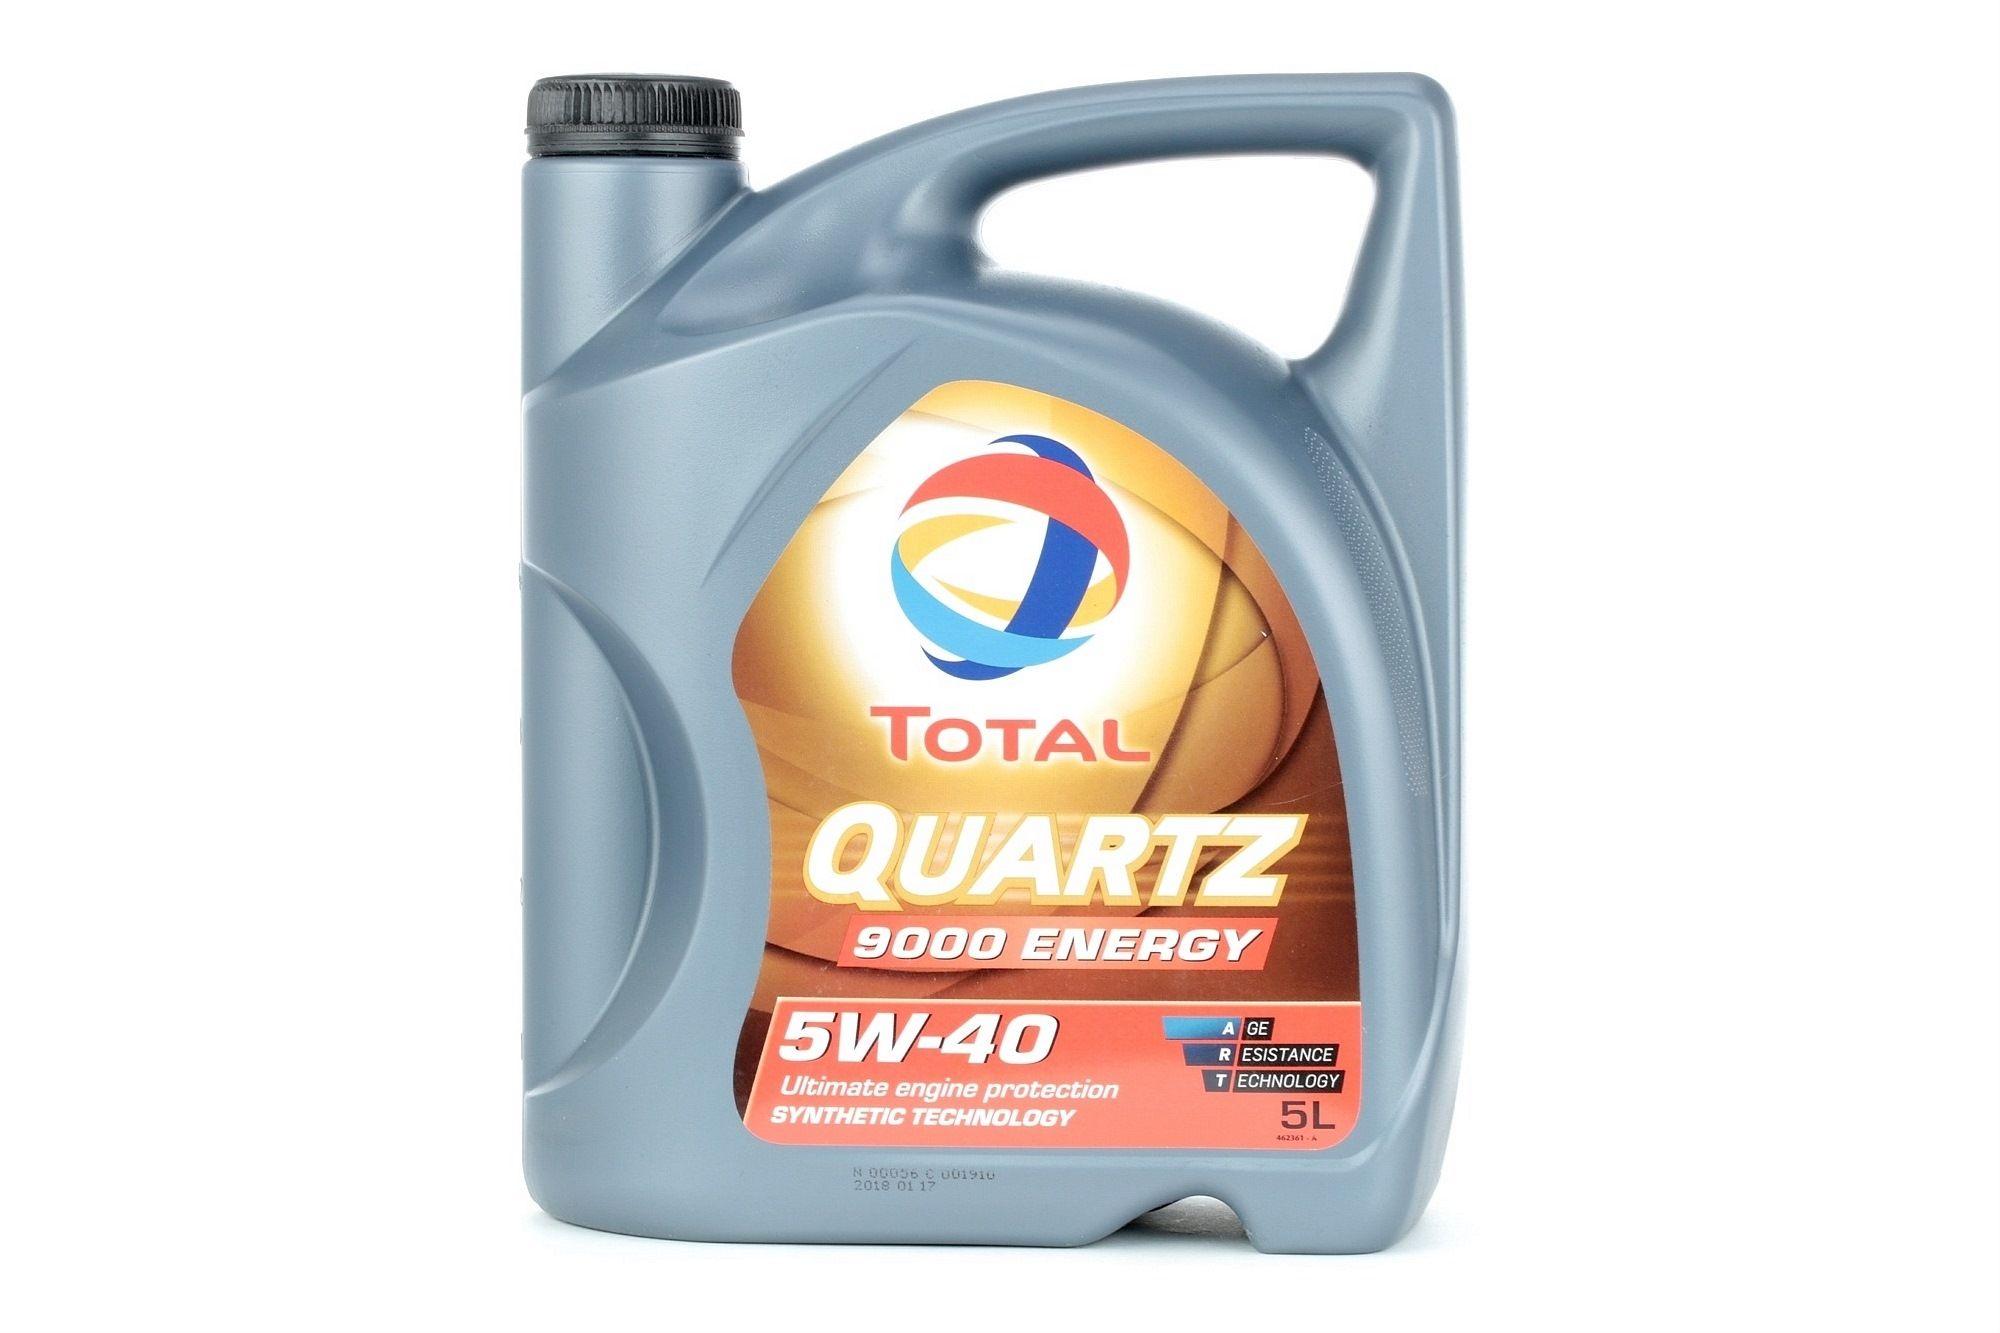 2198206 TOTAL Quartz, 9000 Energy 5W-40, 5L, Aceite sintetico Aceite de motor 2198206 a buen precio